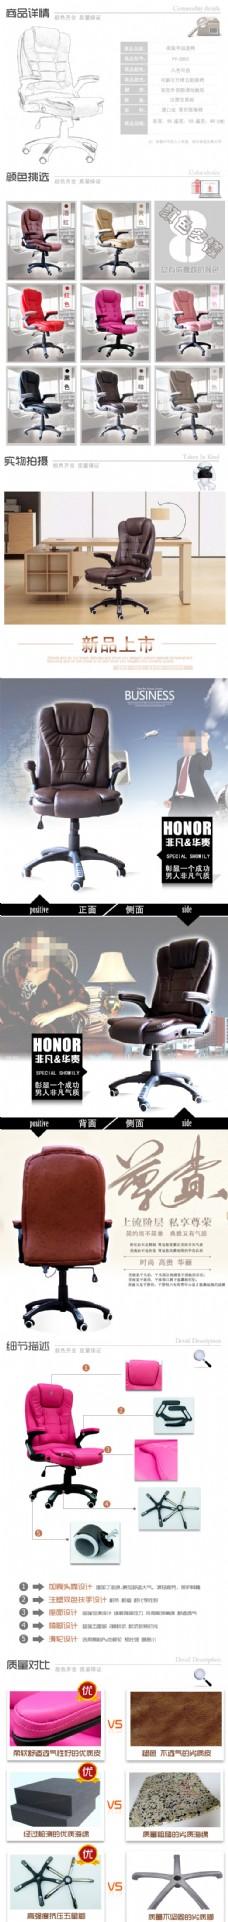 滑轮电脑椅详情页海报